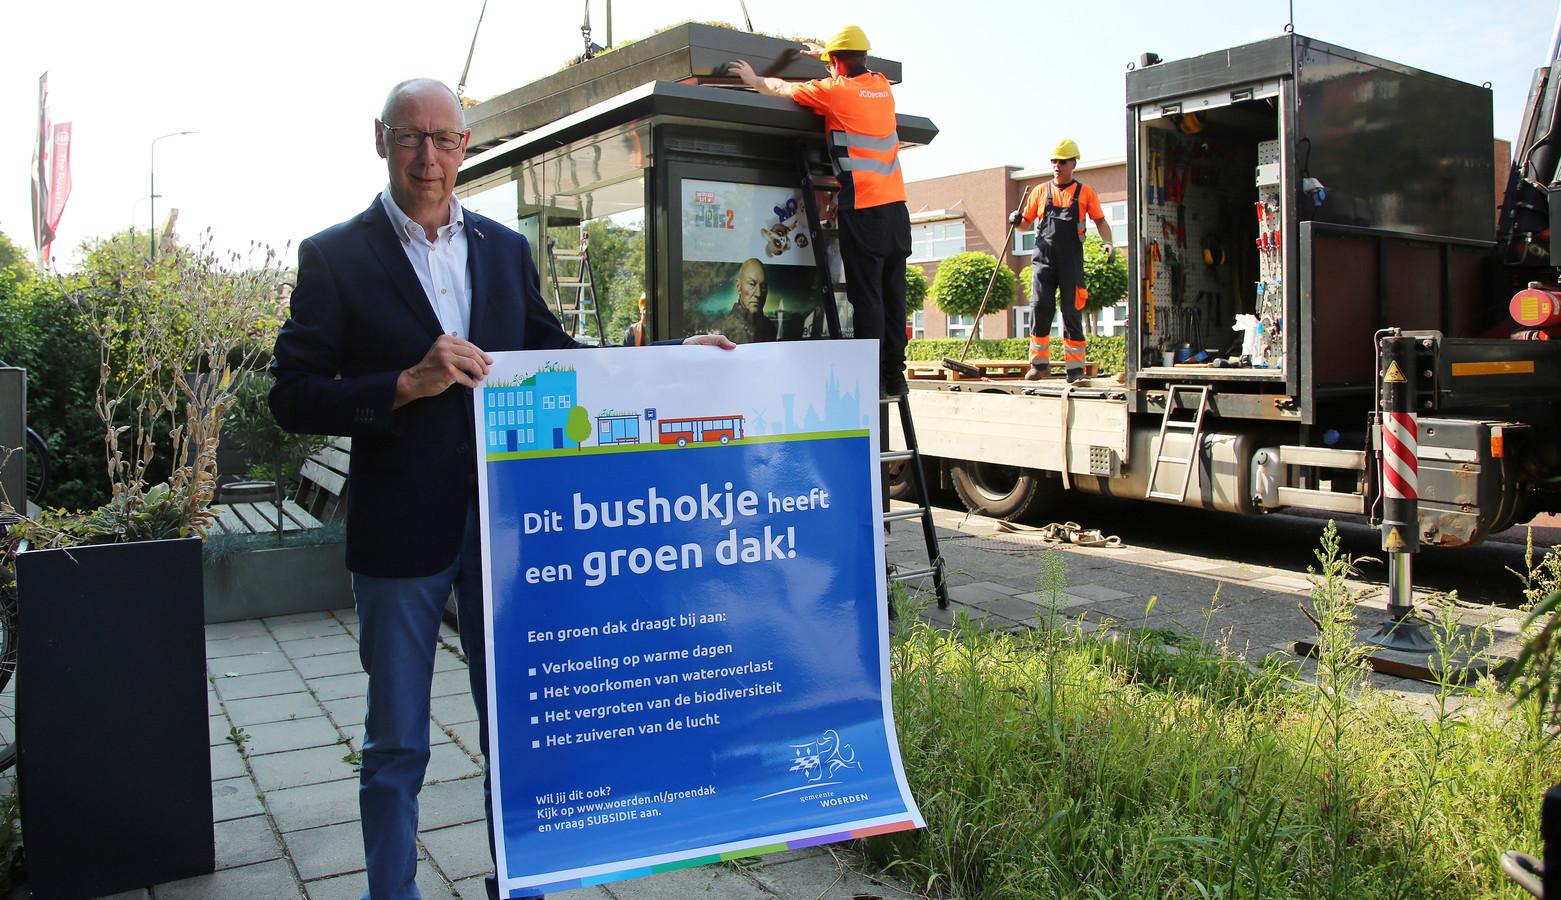 De Woerdense wethouder Arthur Bolderdijk maakt graag reclame voor de groene daken.